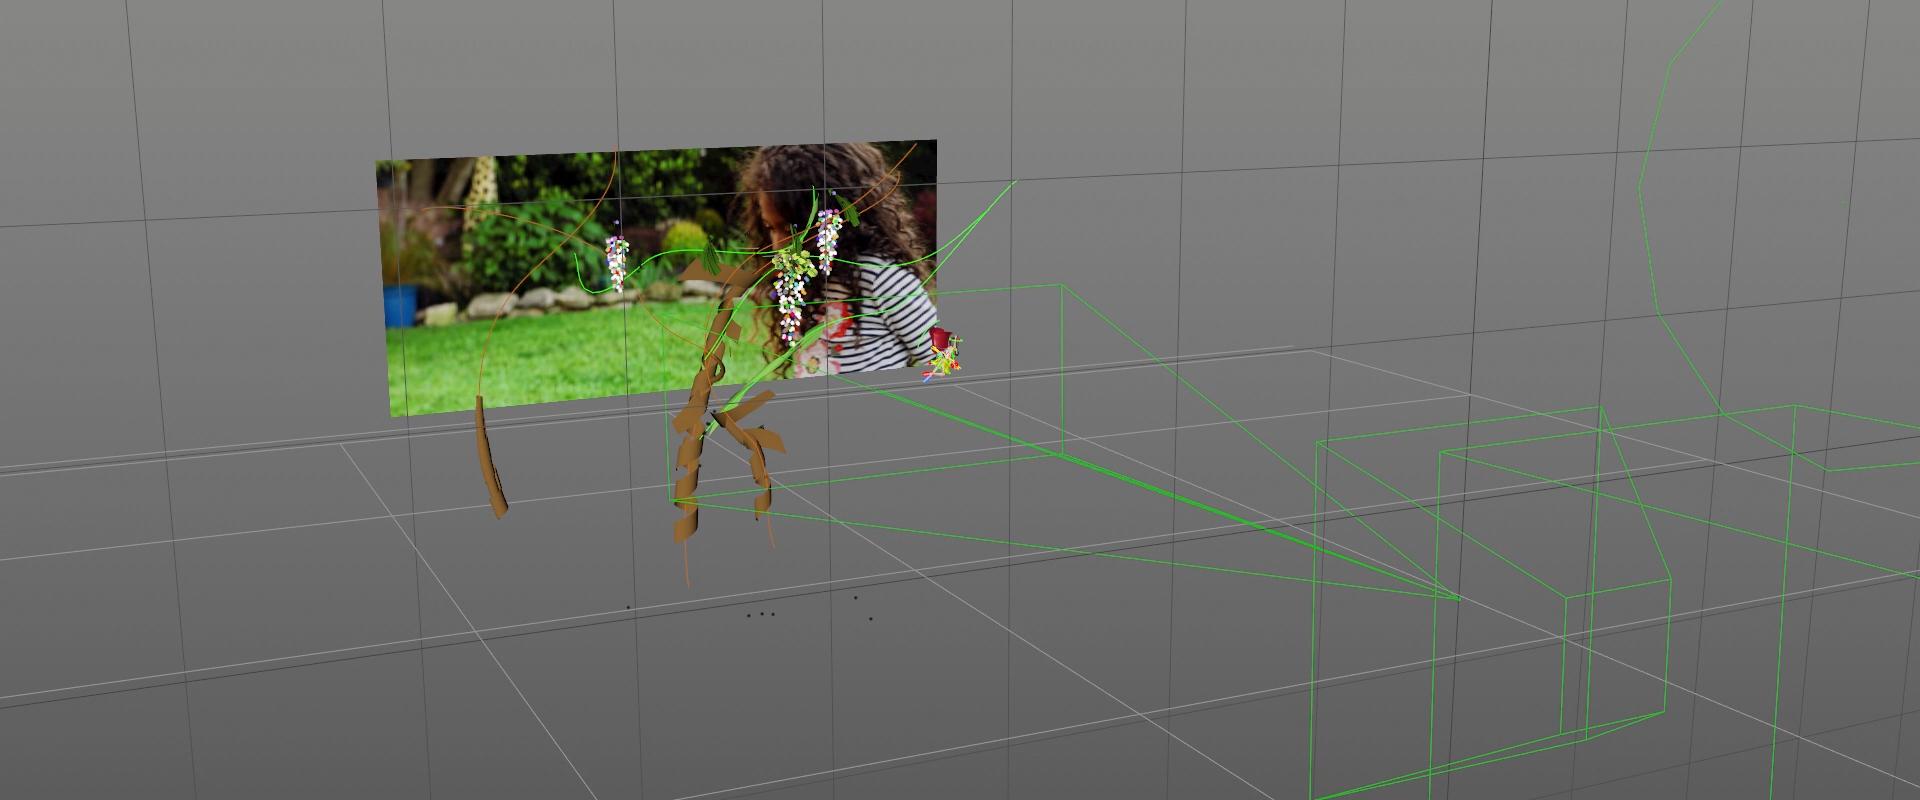 020_Grow_v055_BTS_v001_Preview_Unsqueezed (00017).jpg